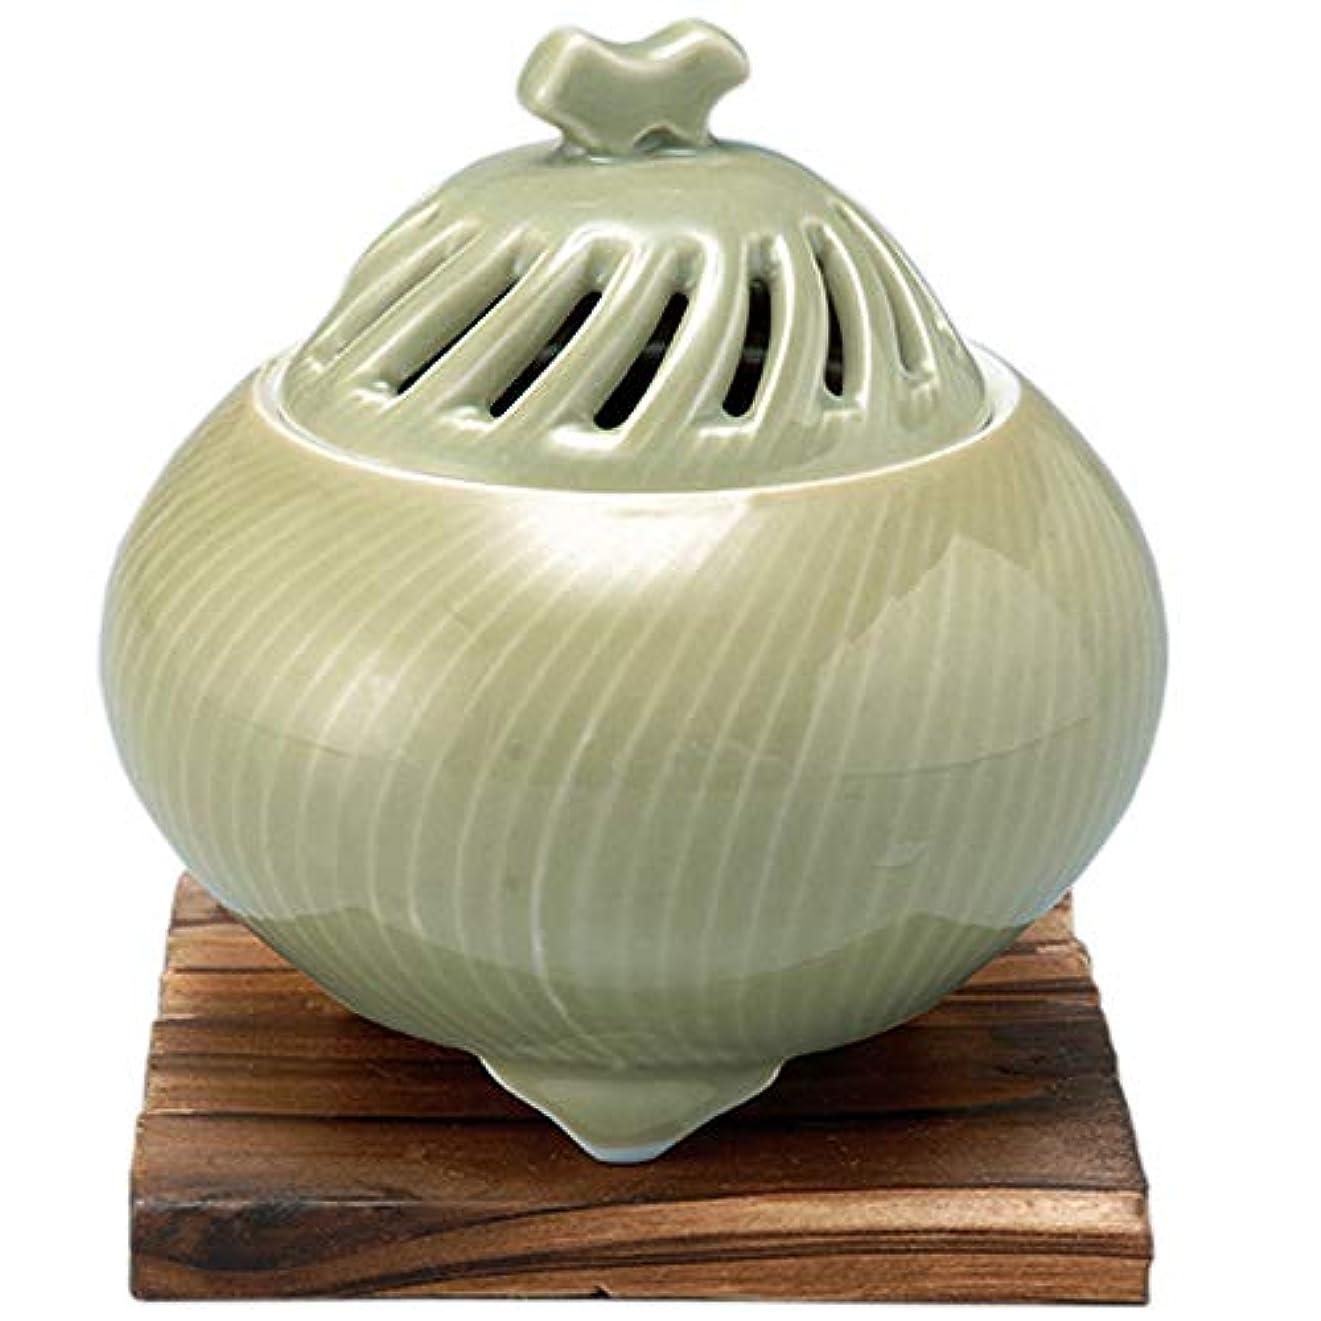 香炉 鶯透し 丸型香炉 [R11xH11.3cm] プレゼント ギフト 和食器 かわいい インテリア